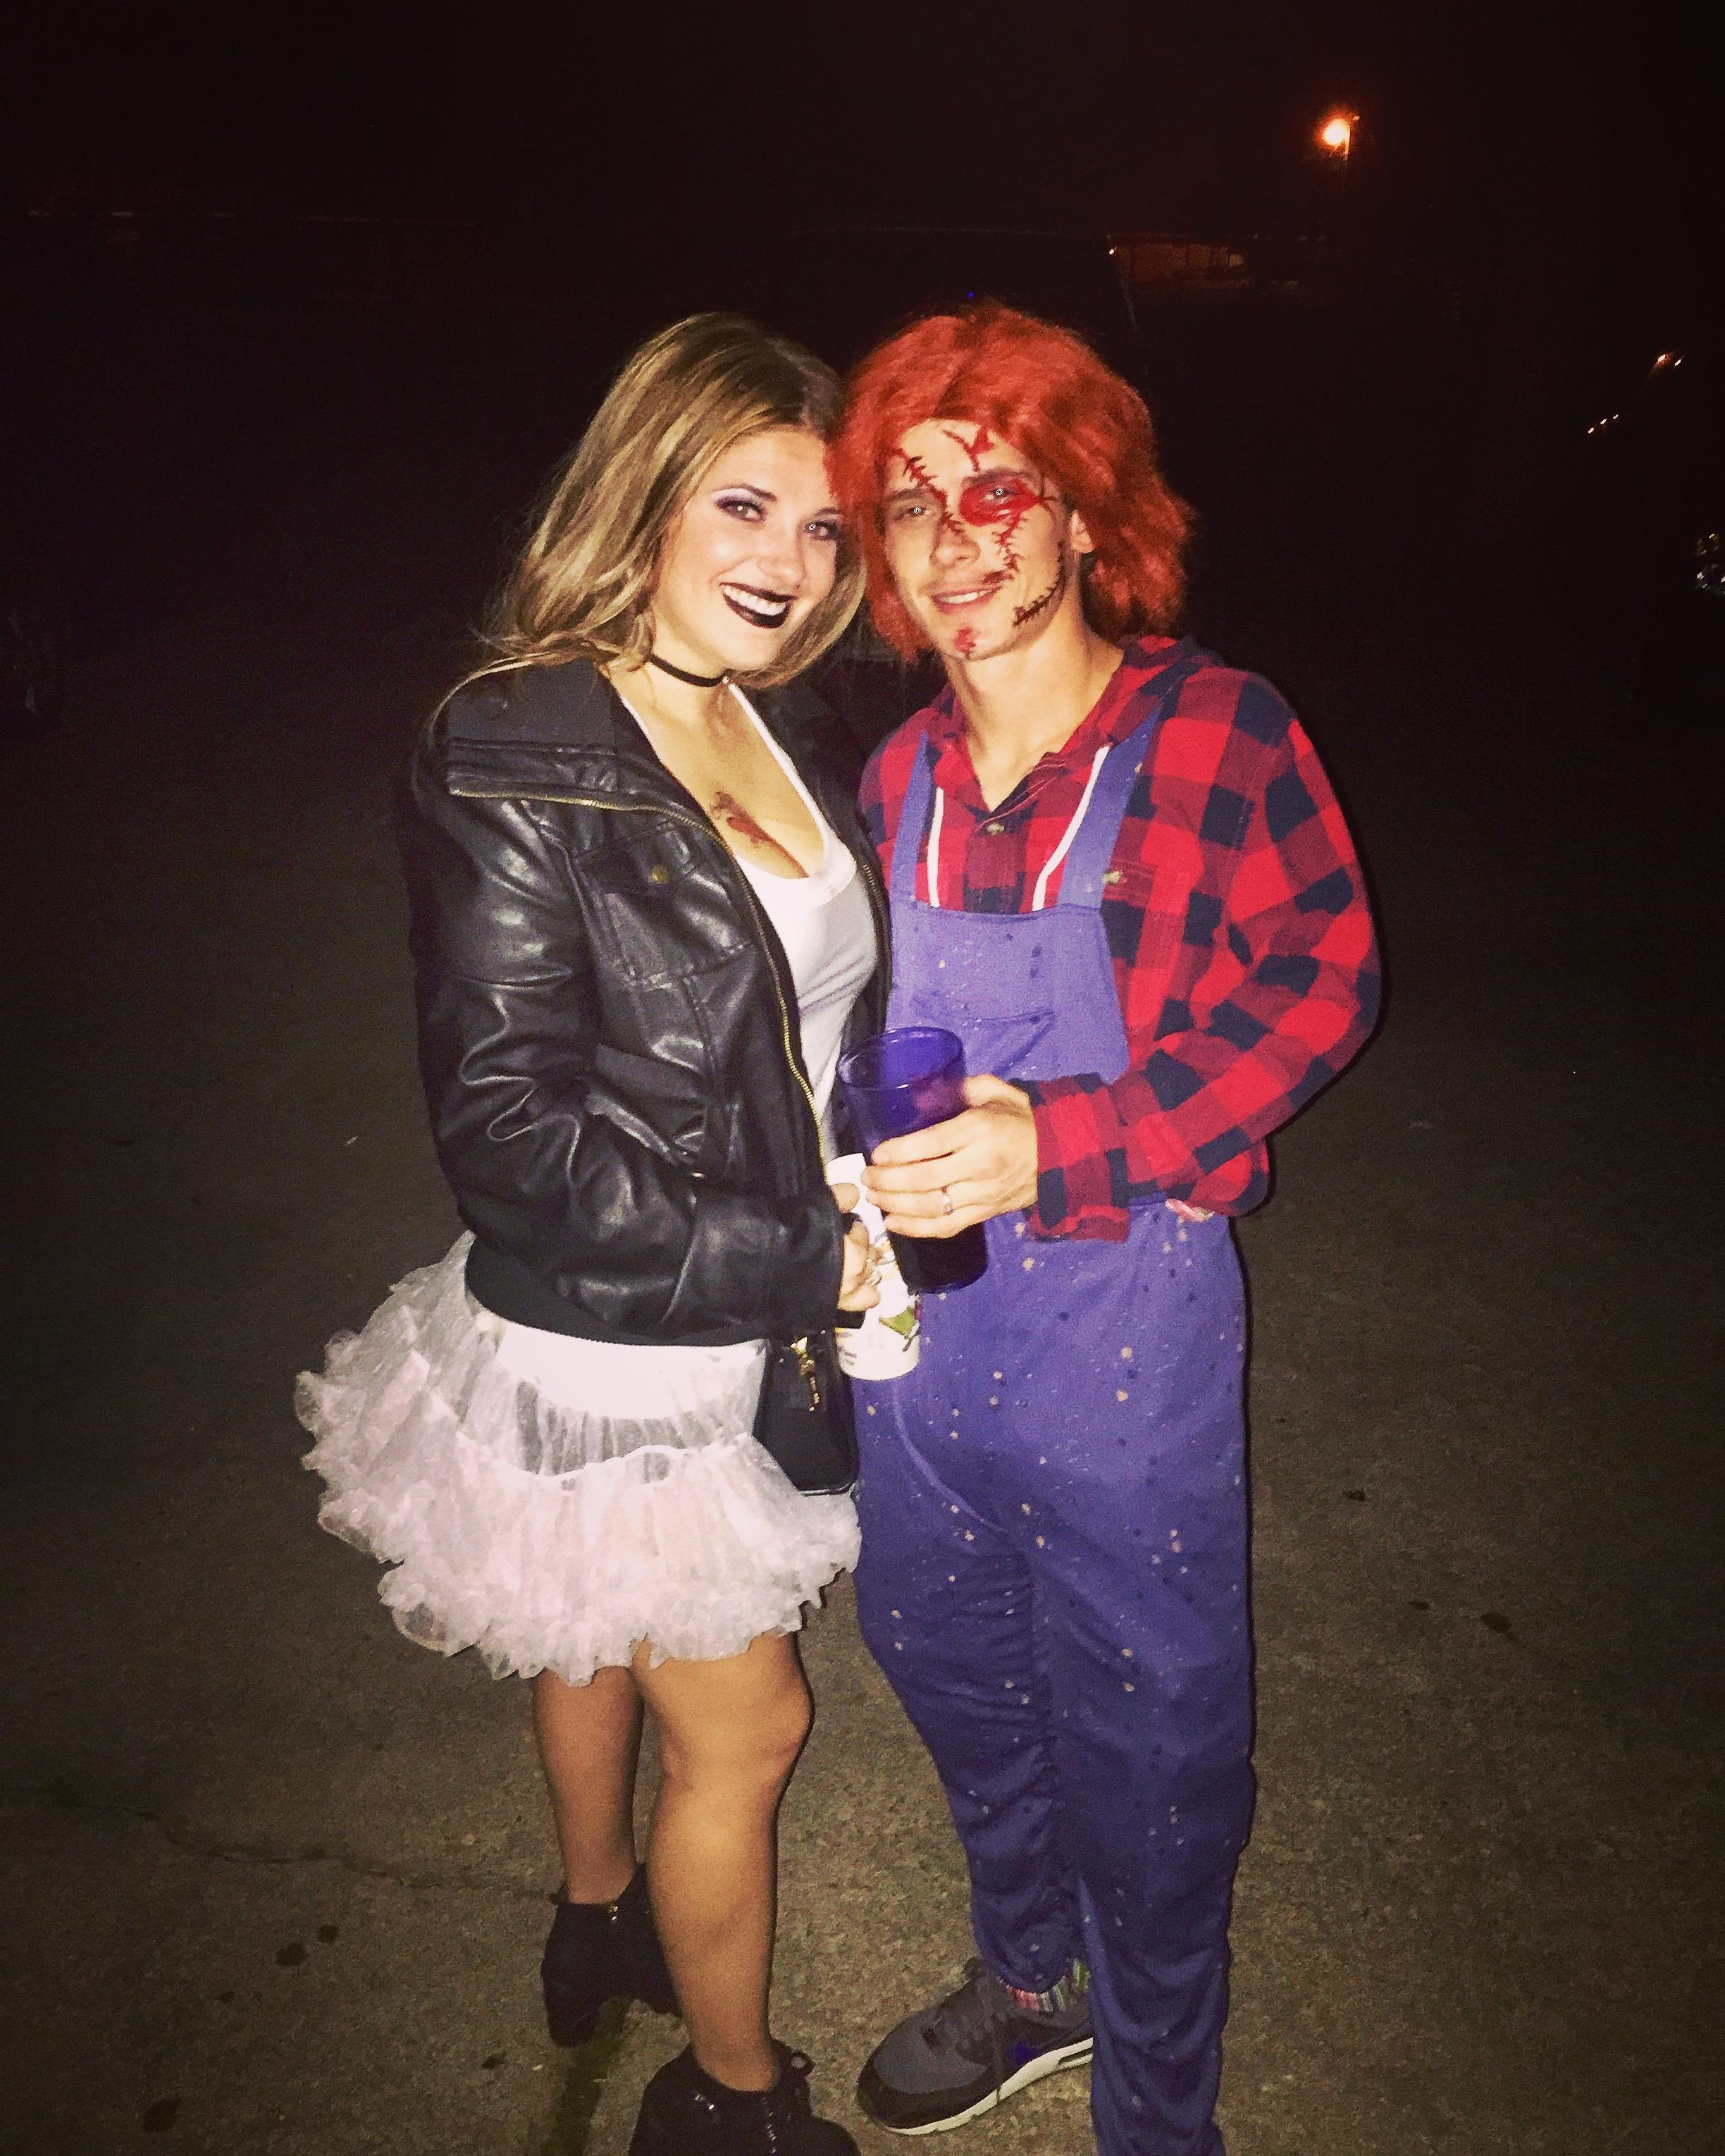 Chucky and Bride of Chucky